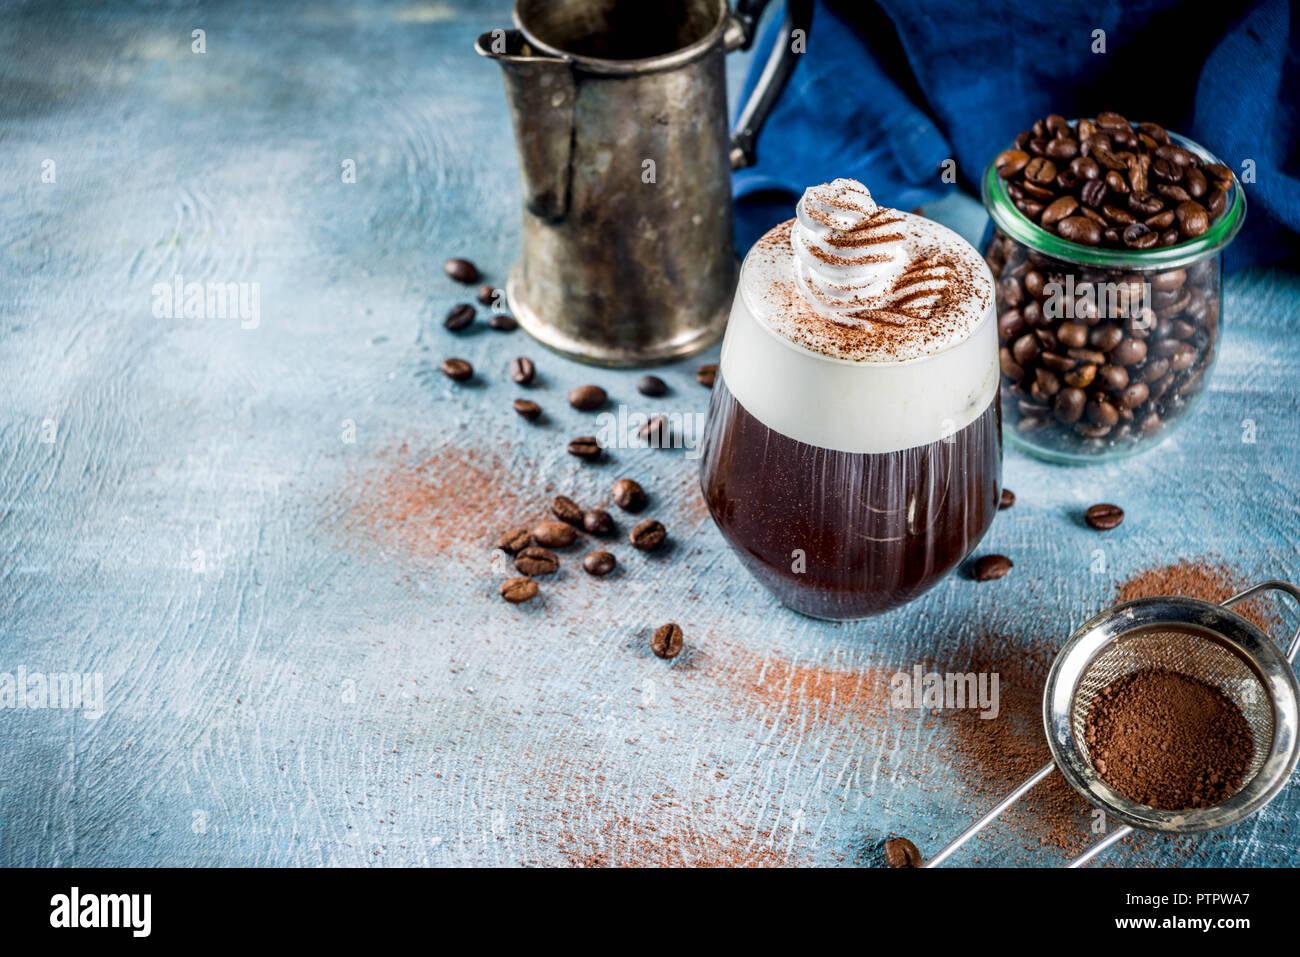 Otoño espresso bebe ideas, cóctel de café irlandés con crema batida y cacao, azul de fondo concreto espacio de copia Foto de stock